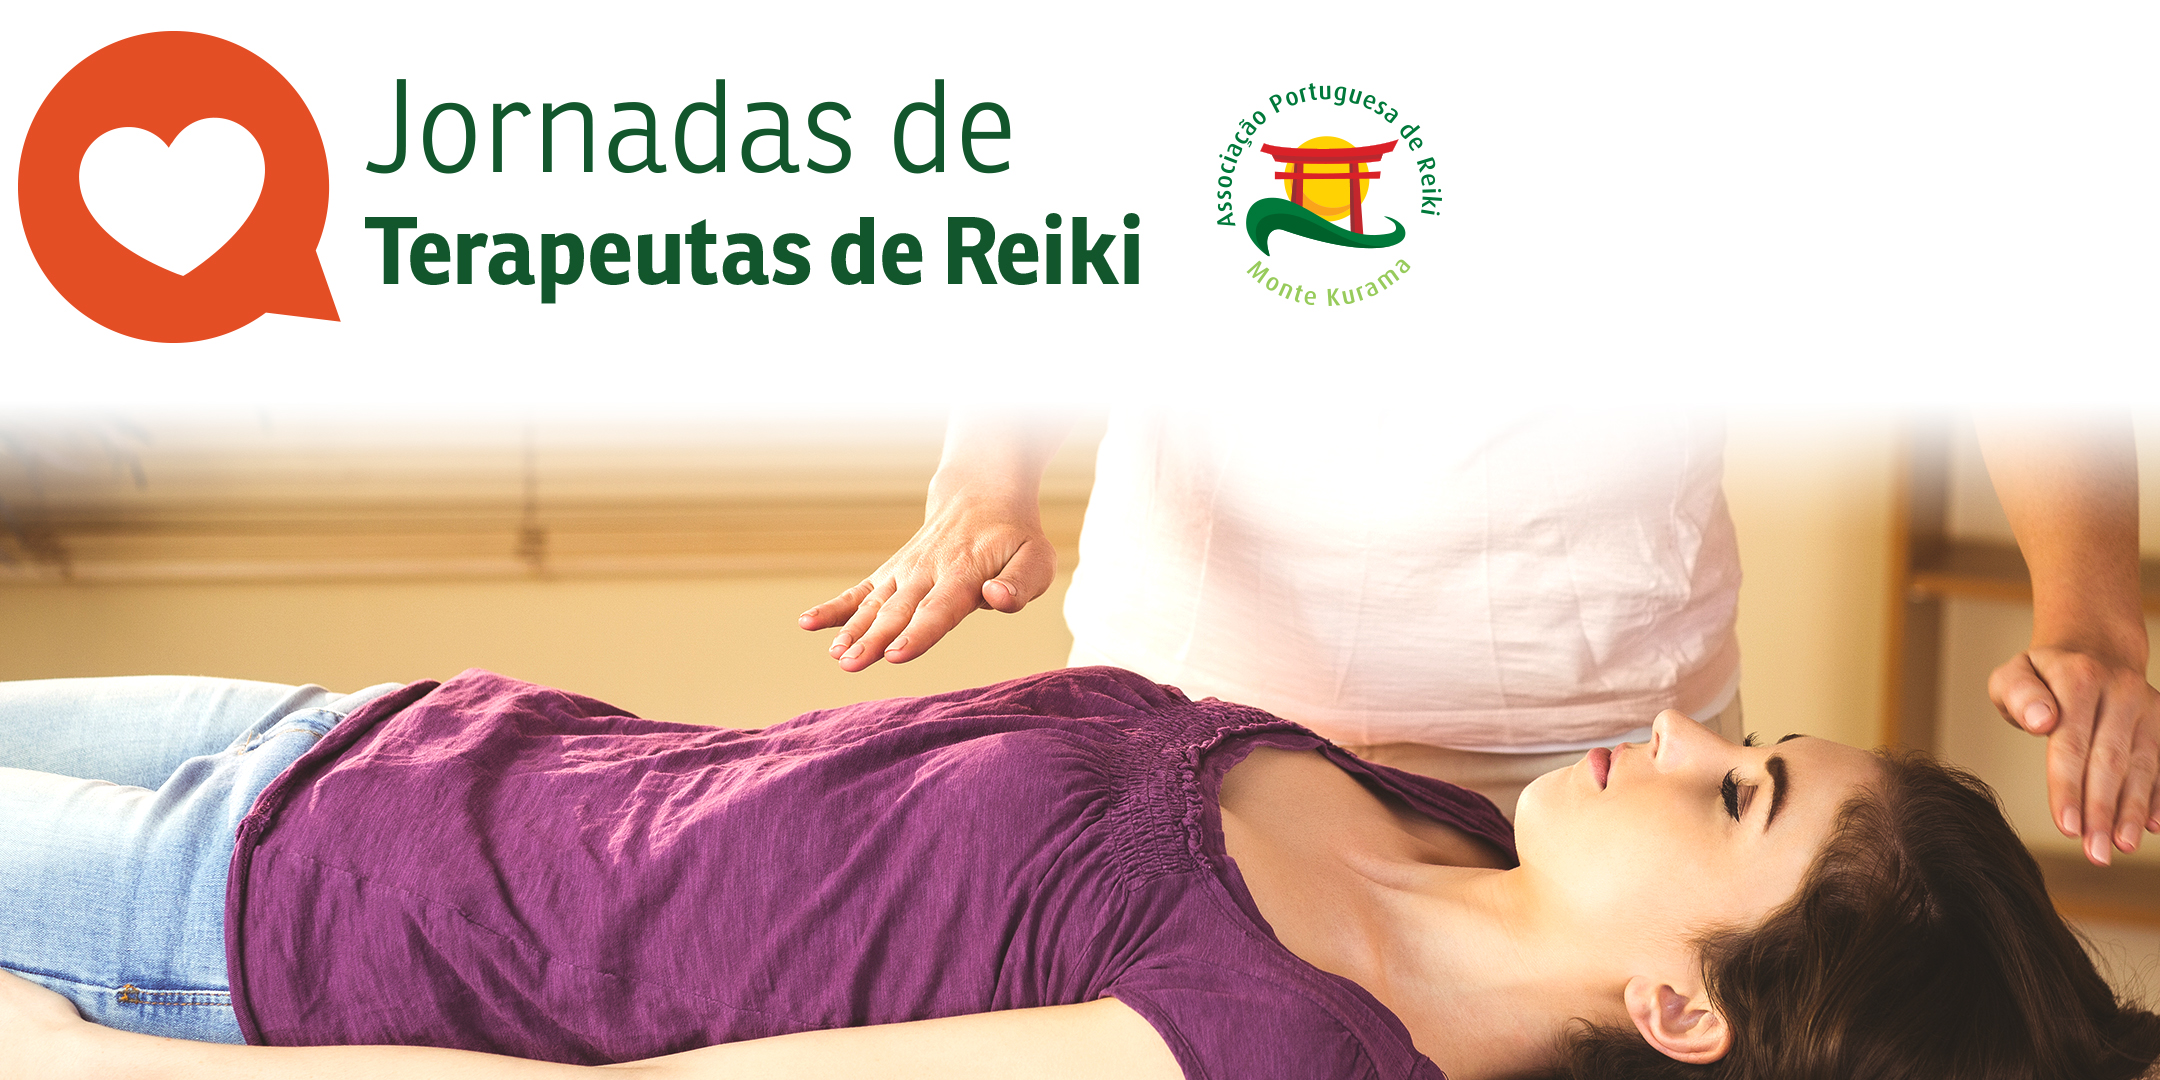 Jornadas de Terapeutas de Reiki em Montalegre